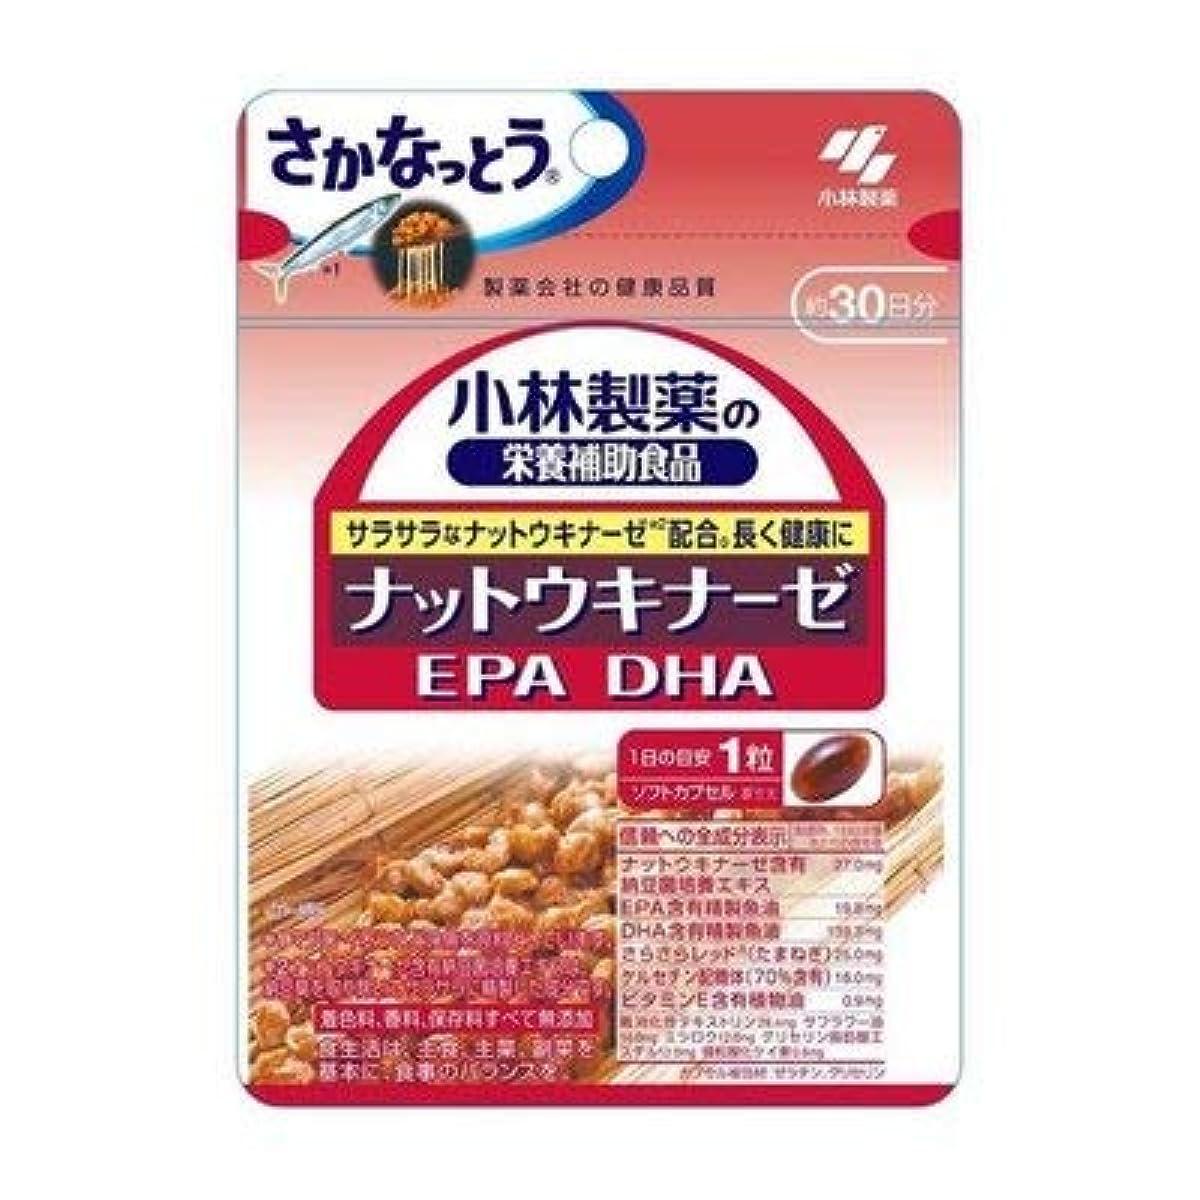 監査便利優先権小林製薬 小林製薬の栄養補助食品ナットウキナーゼ?DHA?EPA30粒×5袋